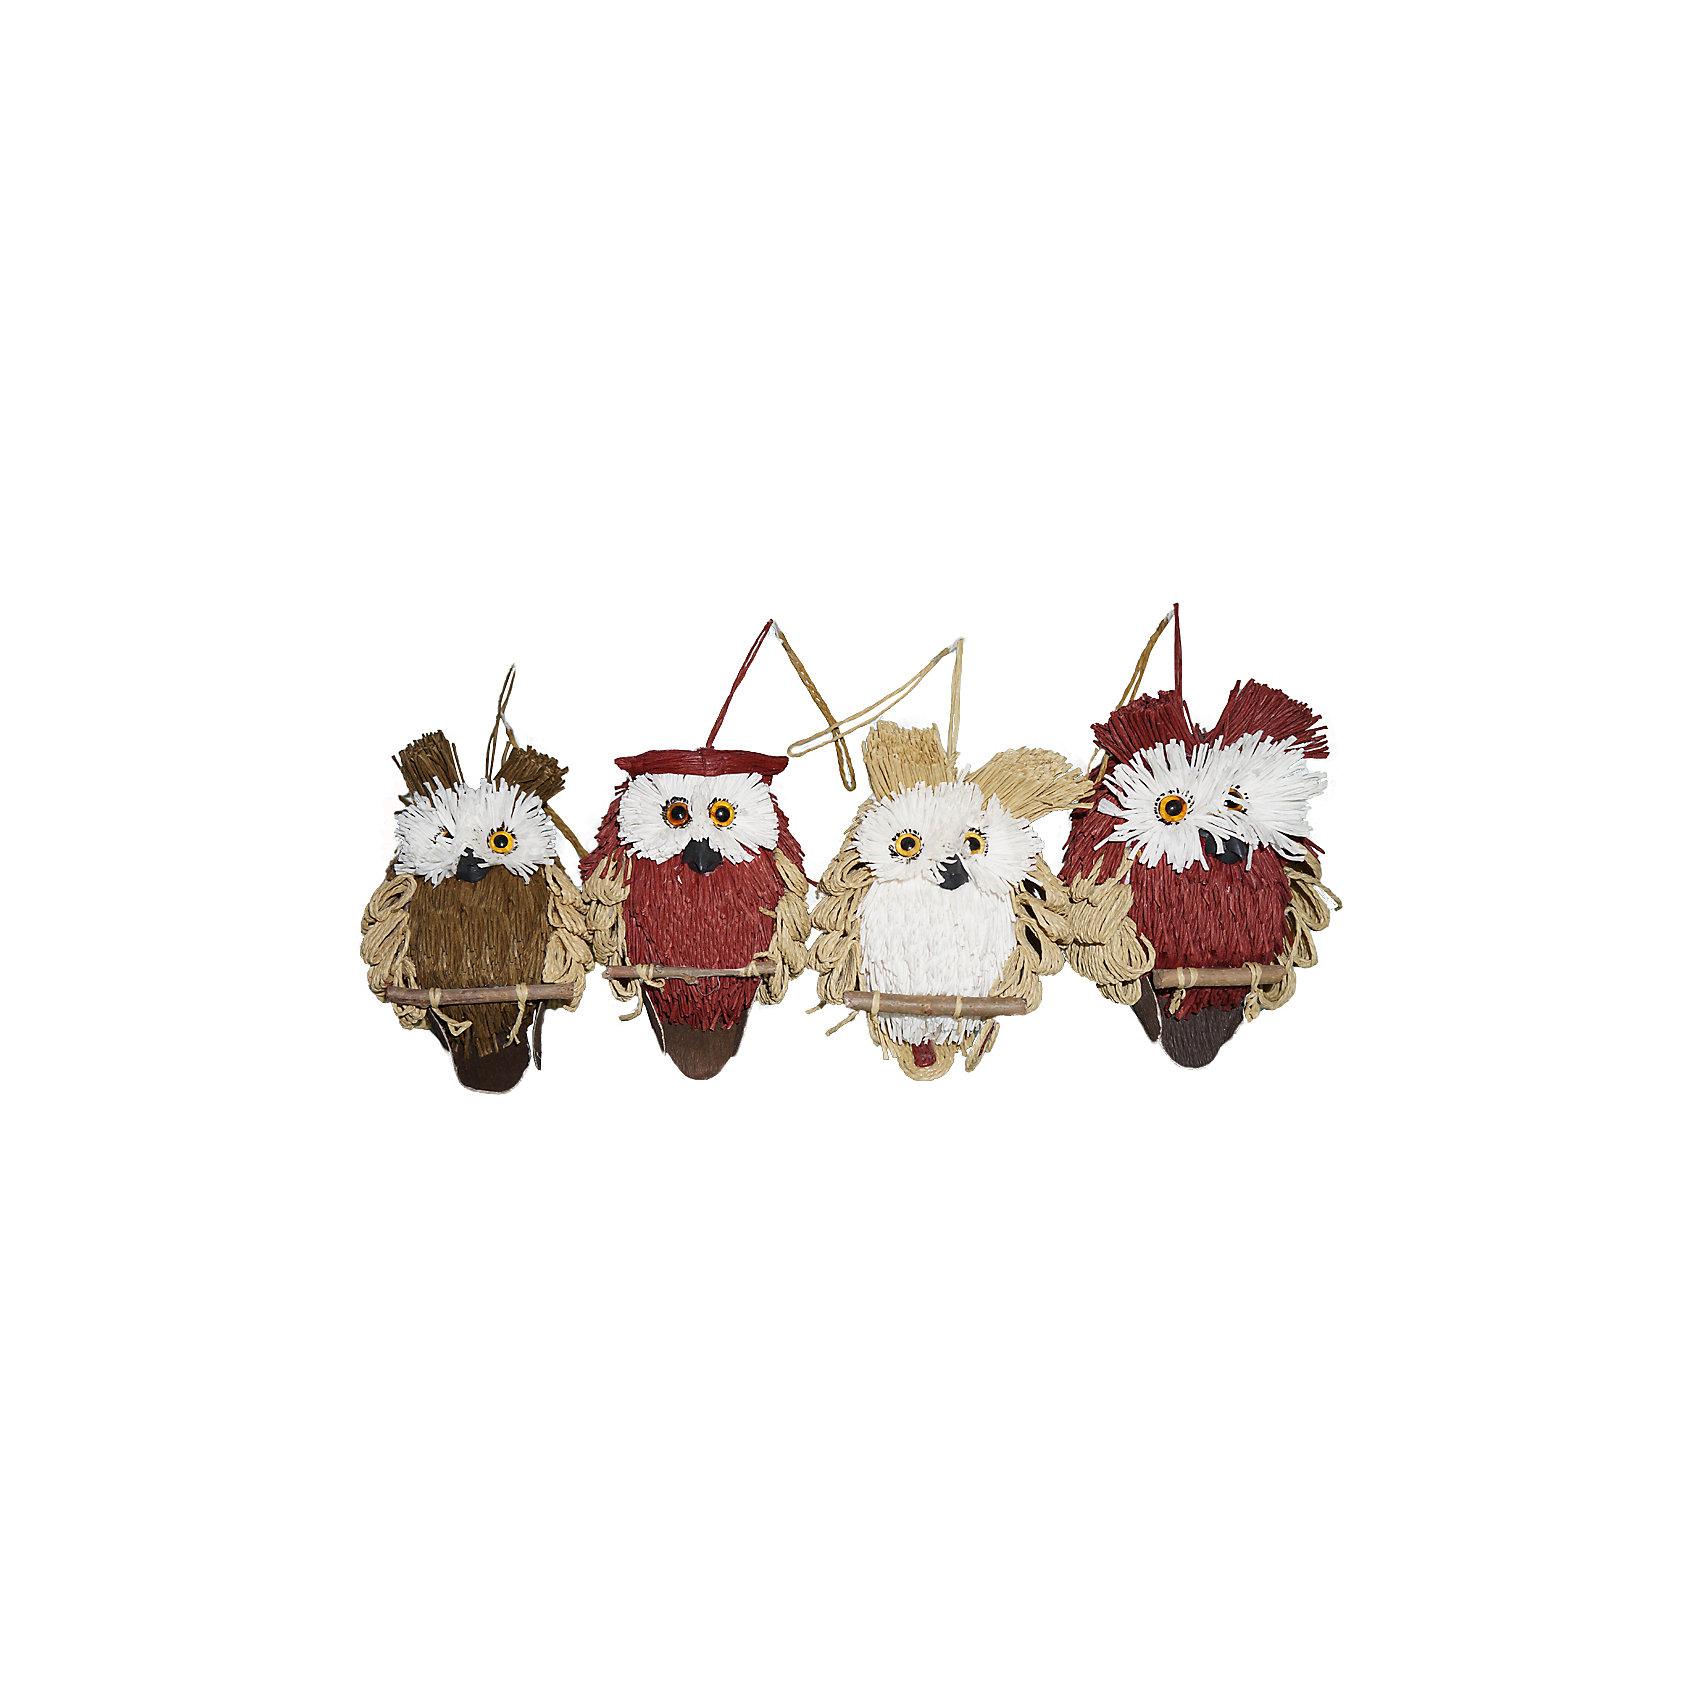 Украшение для декора Сова 15 см, в ассортиментеВсё для праздника<br>Порой уют нашего дома зависит от одной маленькой детали. Такой деталью может стать декоративная фигурка «Сова». С помощью игрушки можно оформить интерьер или украсить новогоднюю елку. <br> Высота игрушки: 15 см .<br><br>Ширина мм: 160<br>Глубина мм: 140<br>Высота мм: 60<br>Вес г: 87<br>Возраст от месяцев: 36<br>Возраст до месяцев: 420<br>Пол: Унисекс<br>Возраст: Детский<br>SKU: 5078405